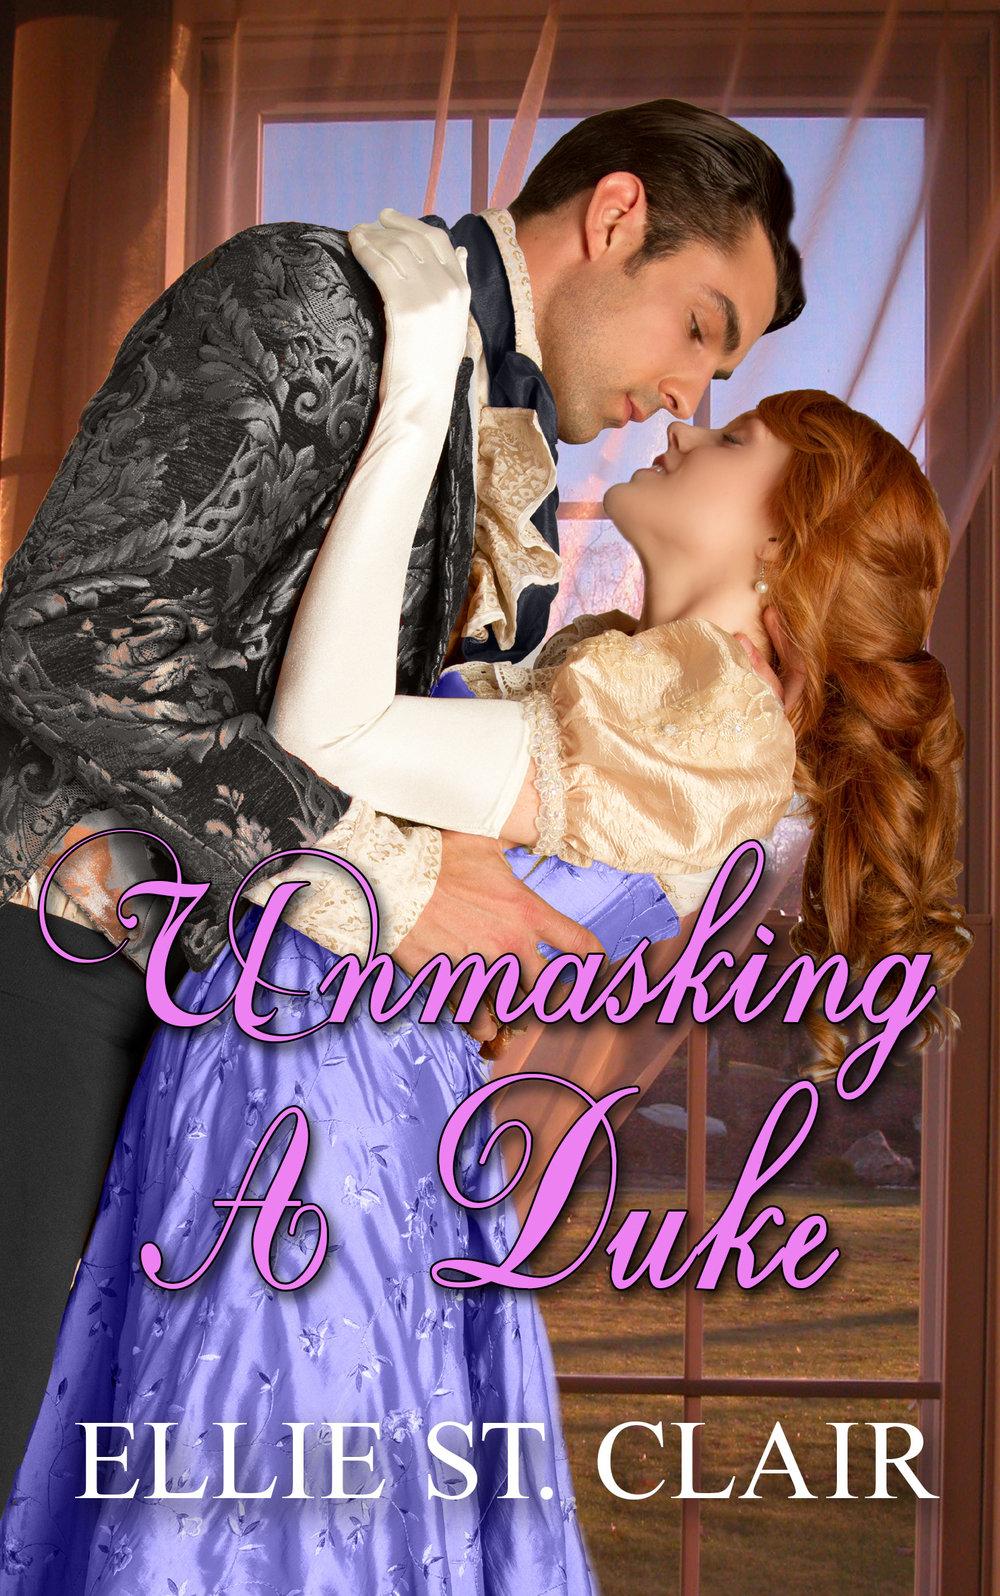 unmasking-a-duke-cover-2.jpg